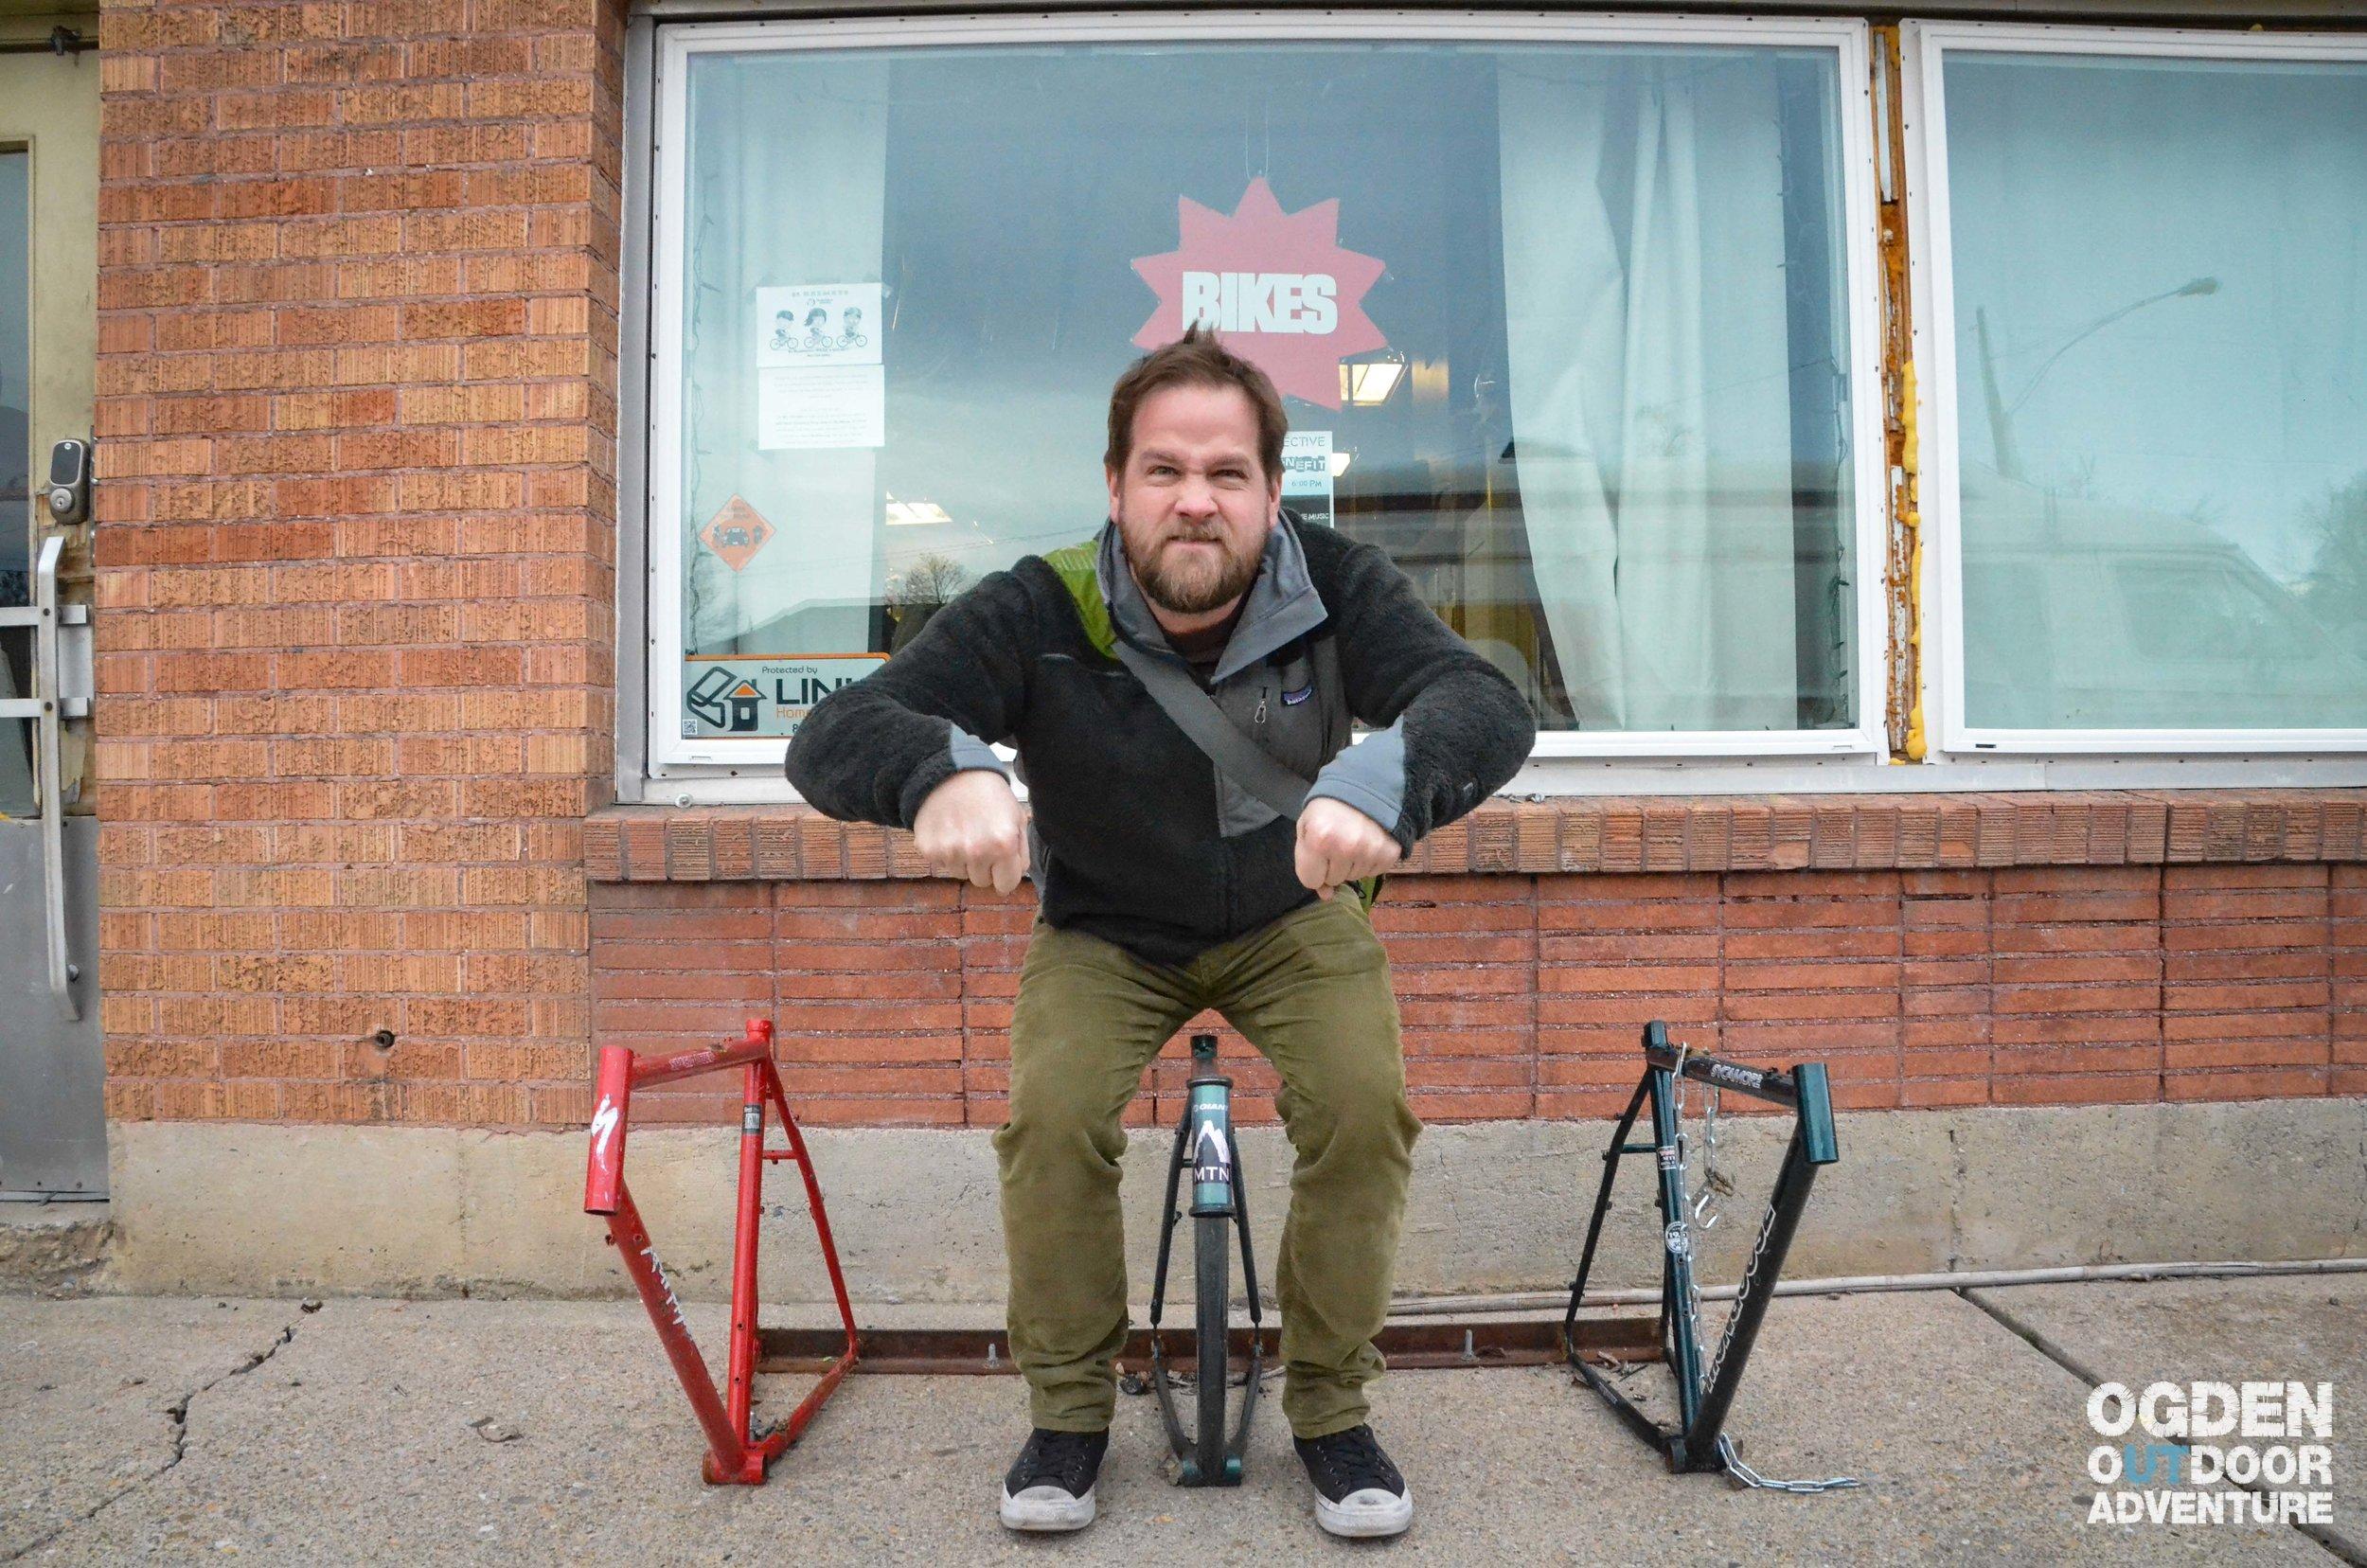 Ogden Outdoor Adventure Show 266 - Winter Bike Benefit-9.jpg